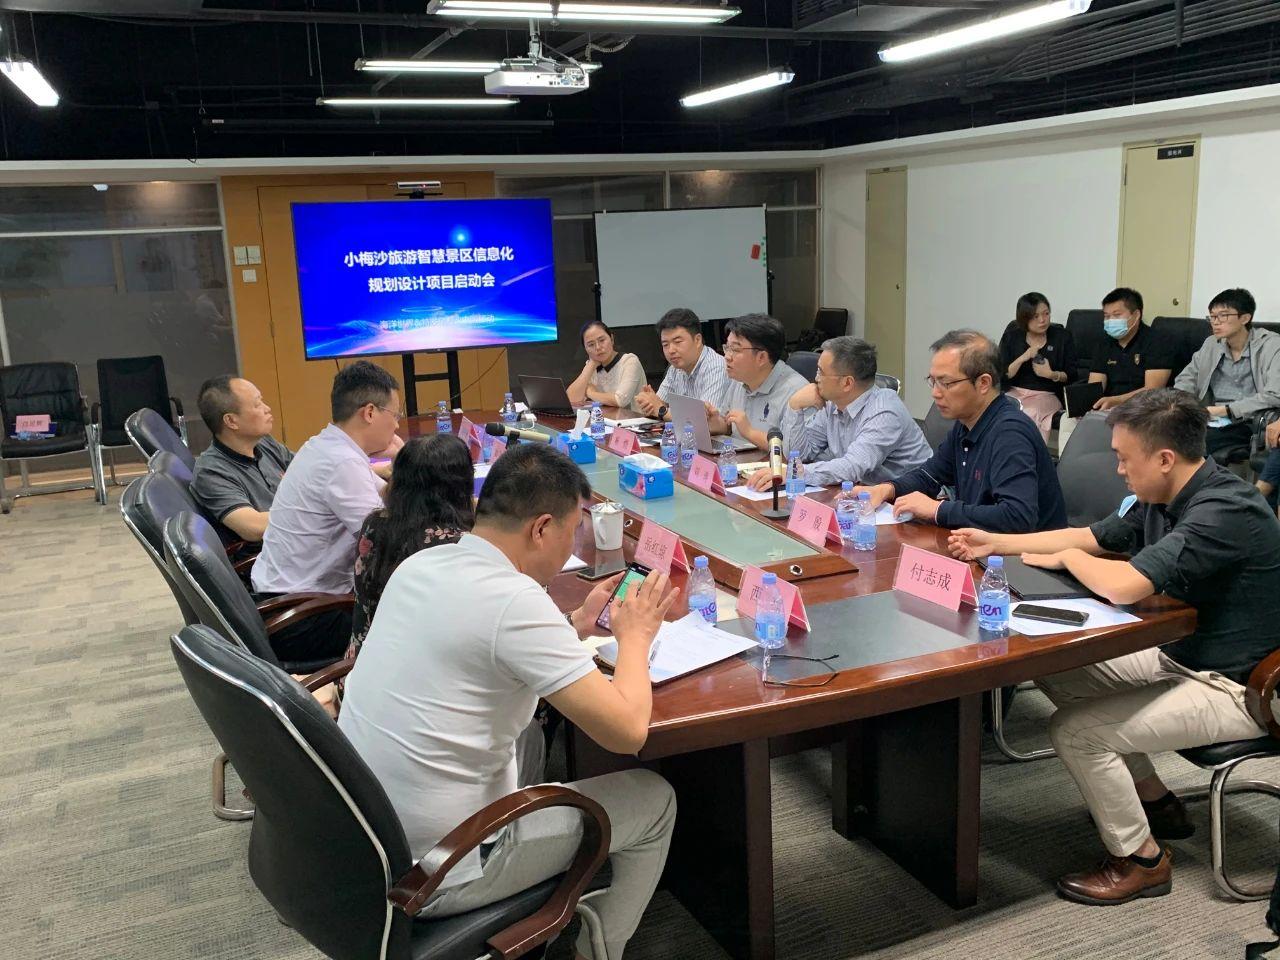 特发信息联合深圳移动成功中标小梅沙海洋馆智慧景区信息化专项规划设计服务项目